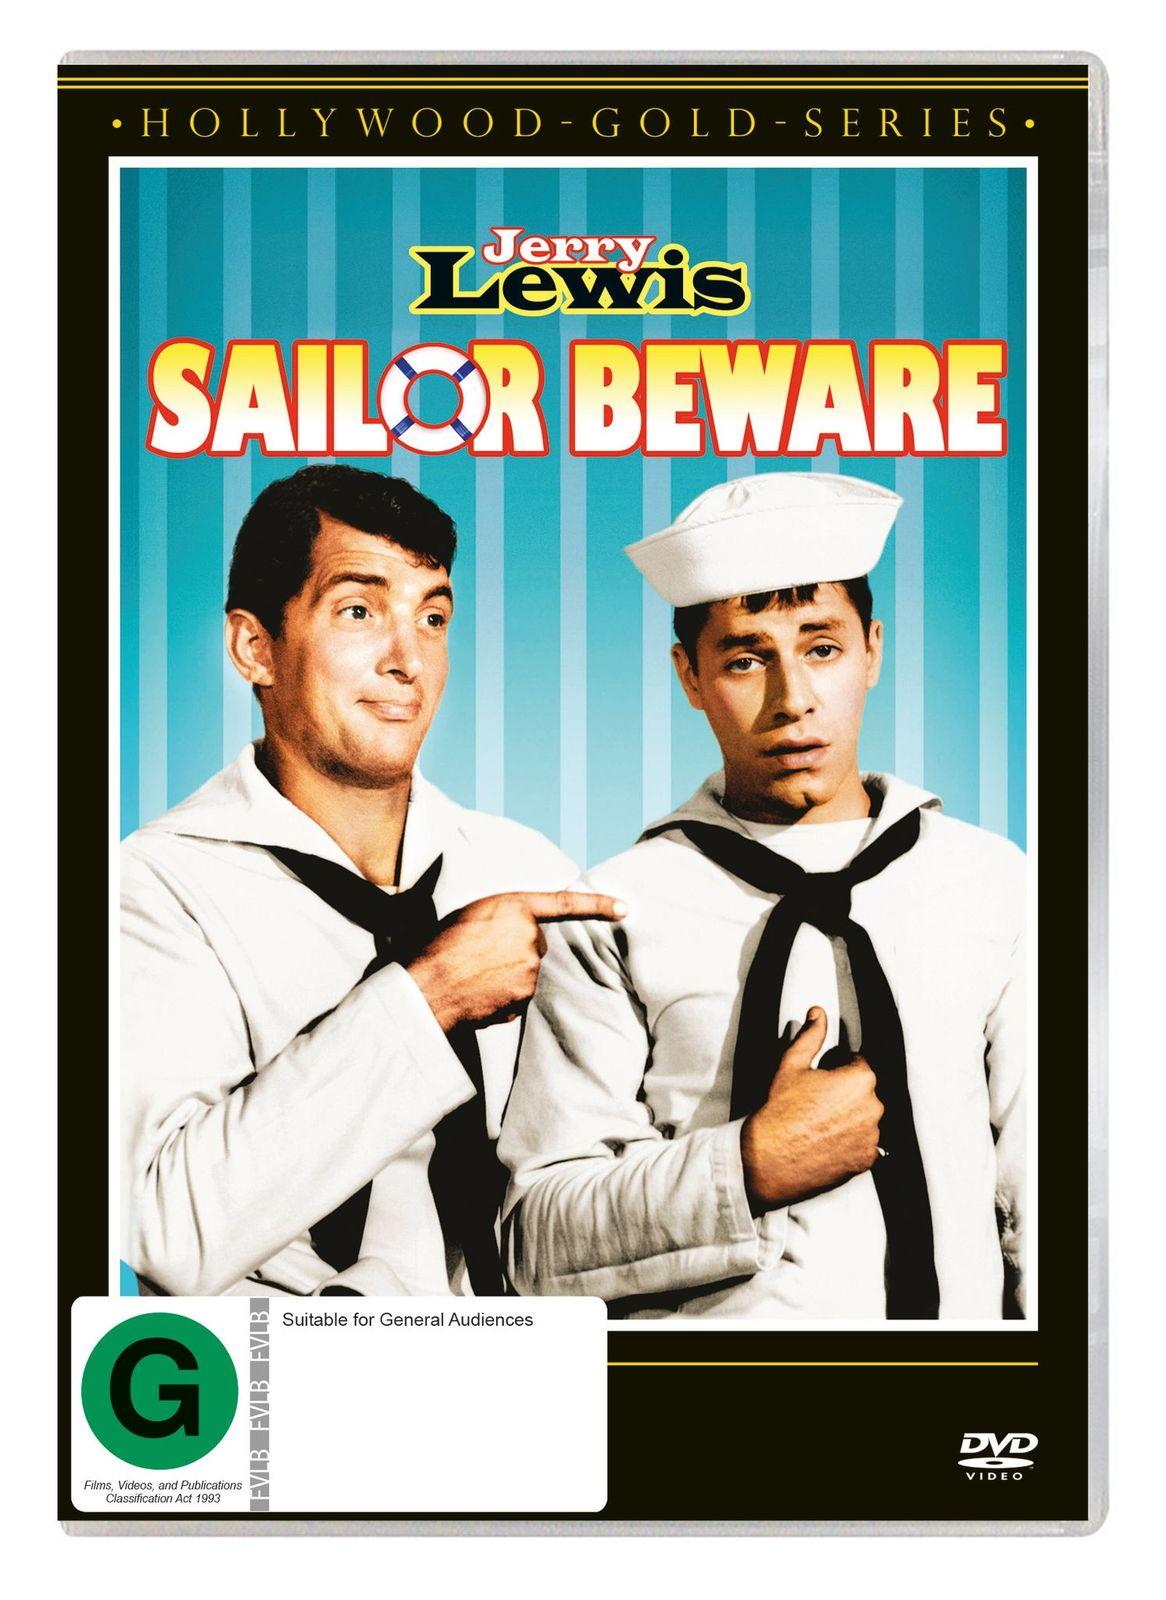 Sailor Beware image